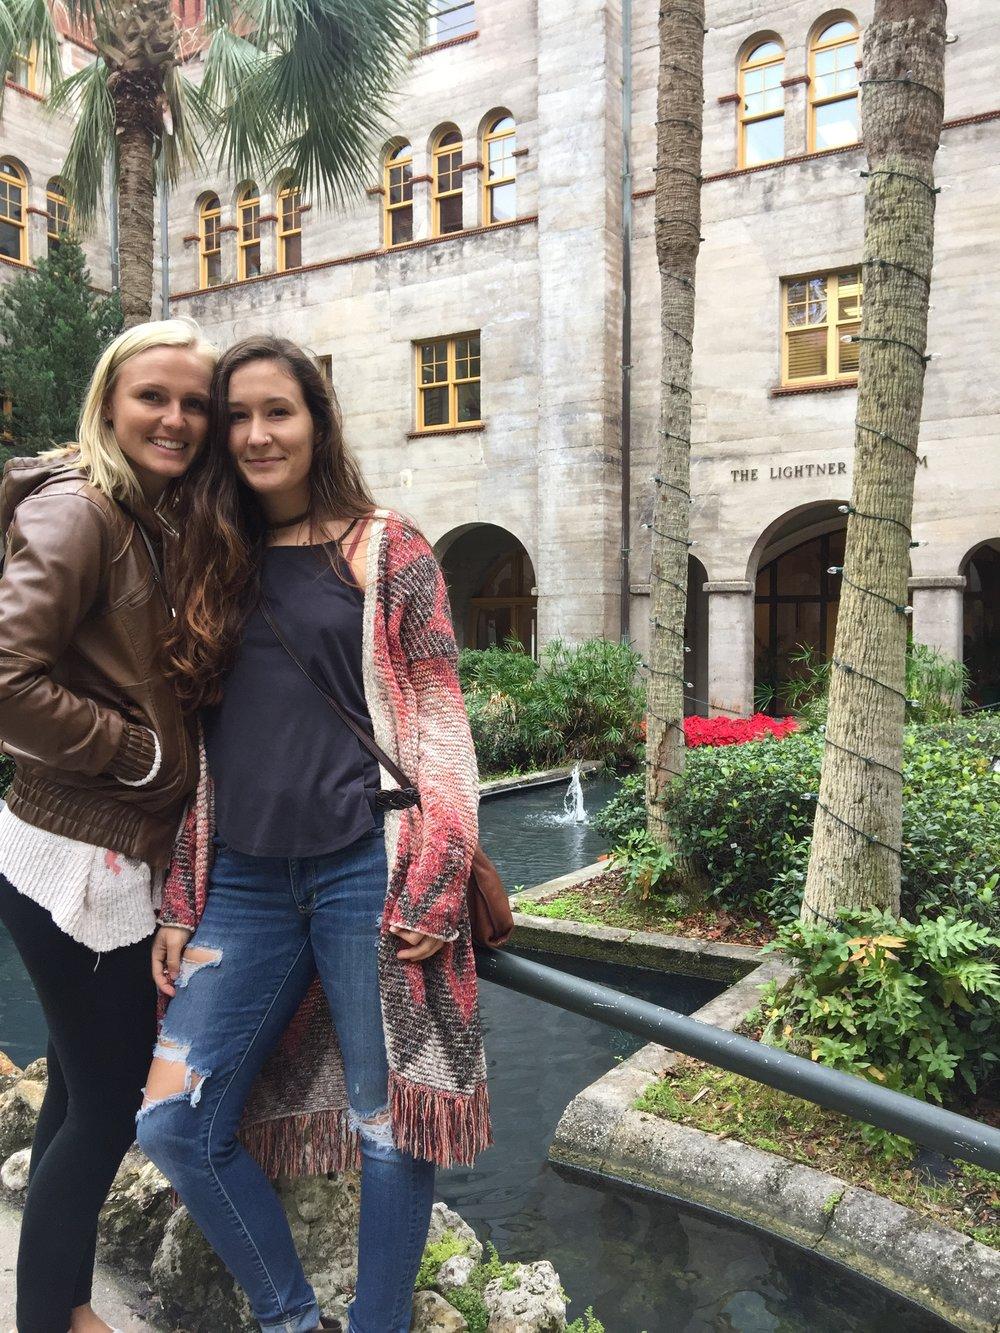 Mandy and Stephanie in The Lightner Museum Garden